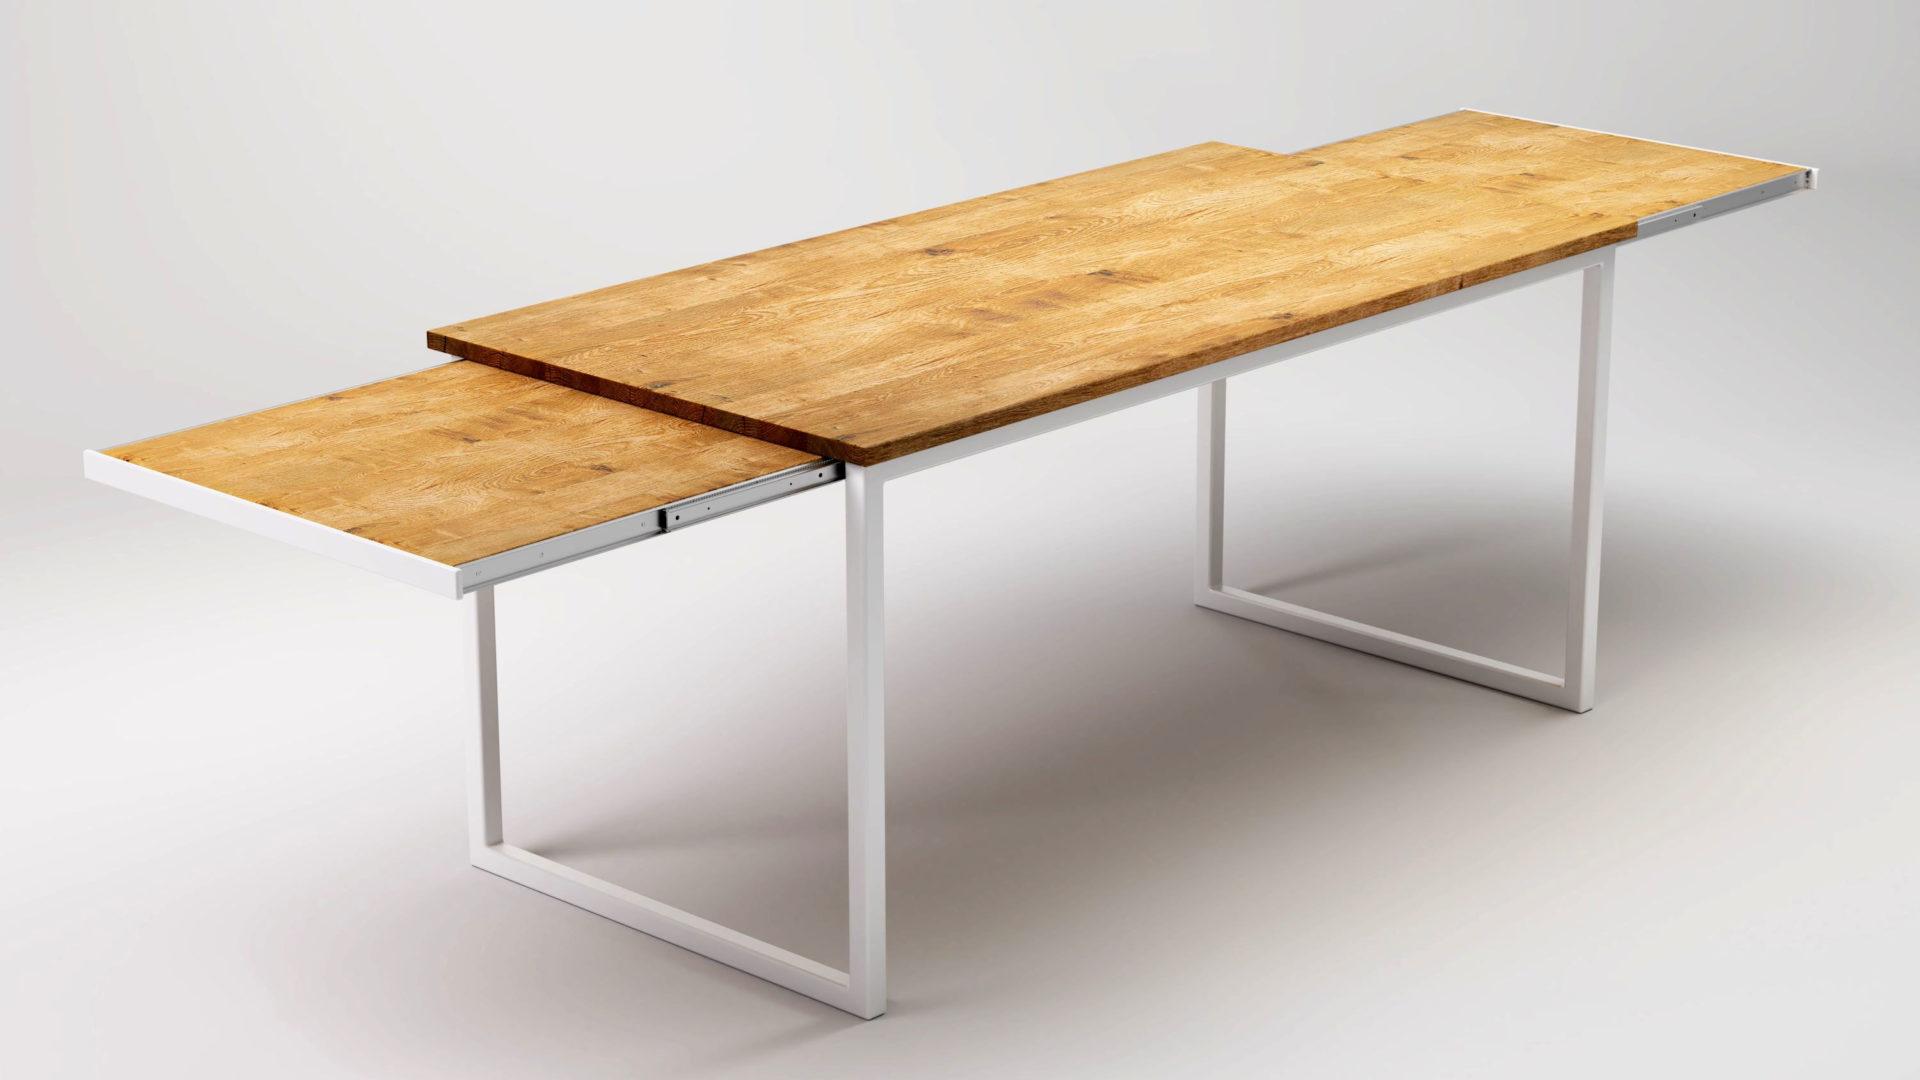 Stół rozkładany do jadalni z drewnianym blatem na prowadnicach.